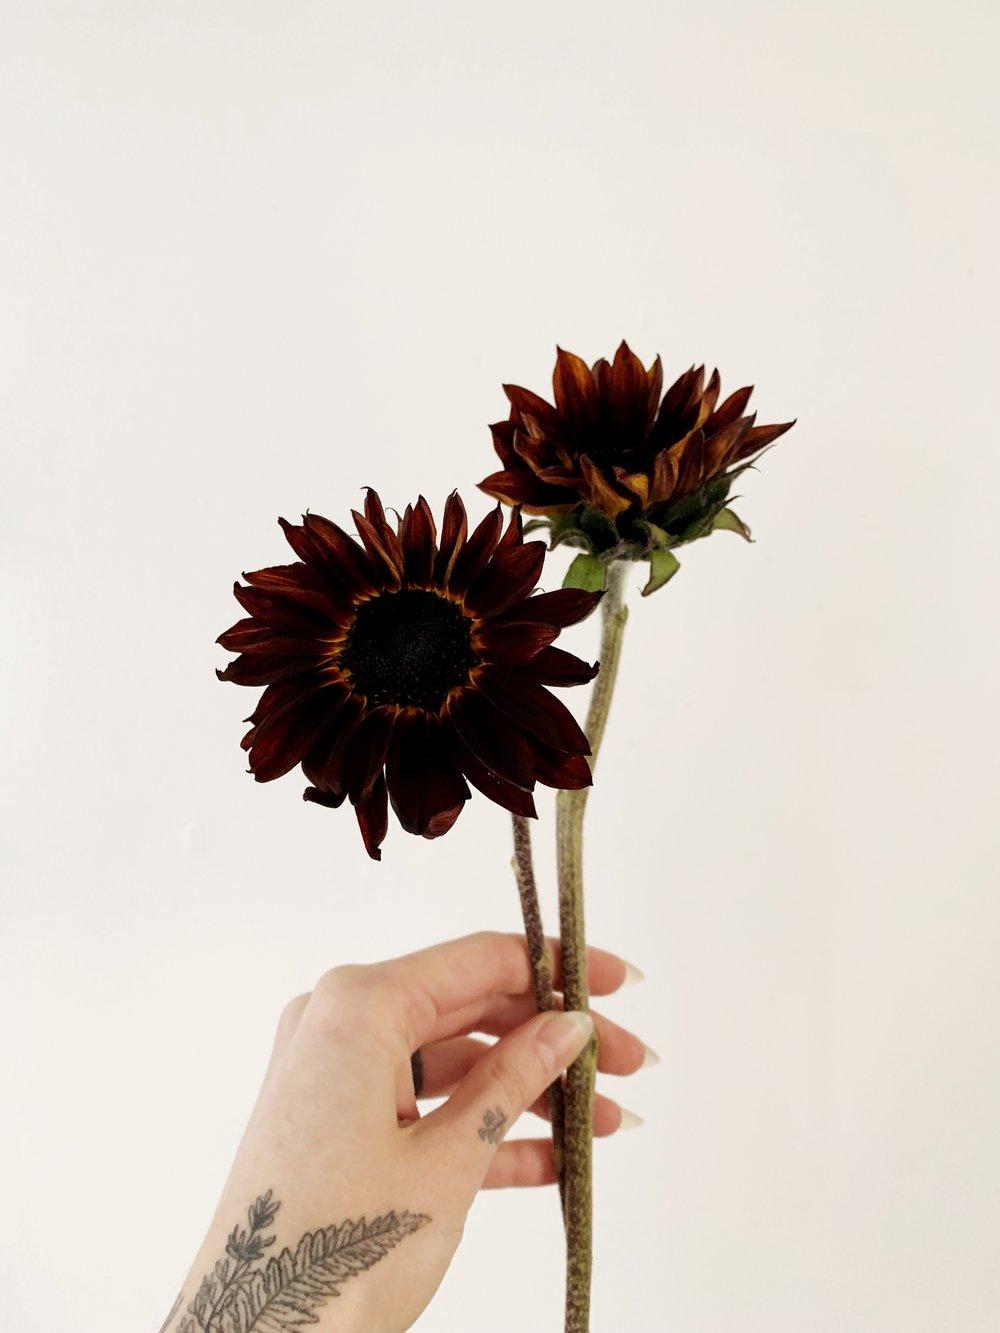 chocolate cherry sunflower